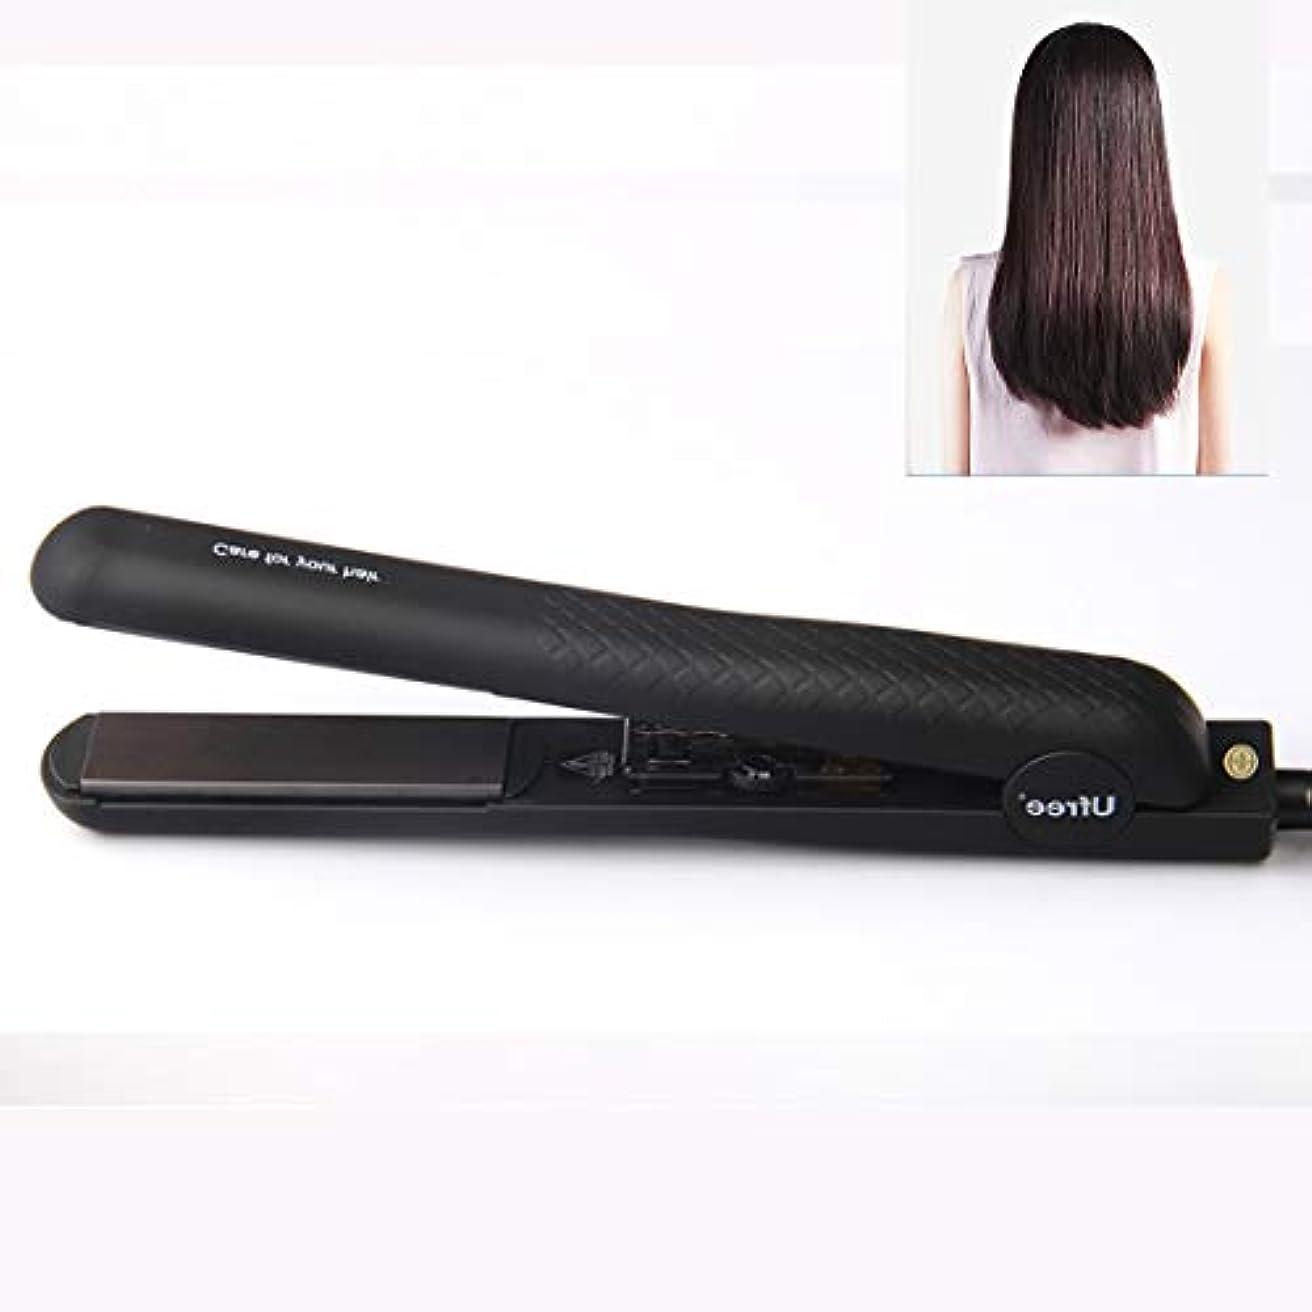 舌なペチコート略語MEI1JIA Ufree U-330セラミックプレート調節可能な温度ストレートヘアアイロン電気合板理髪ツール髪用、EUプラグ(ブラック) (色 : Black)